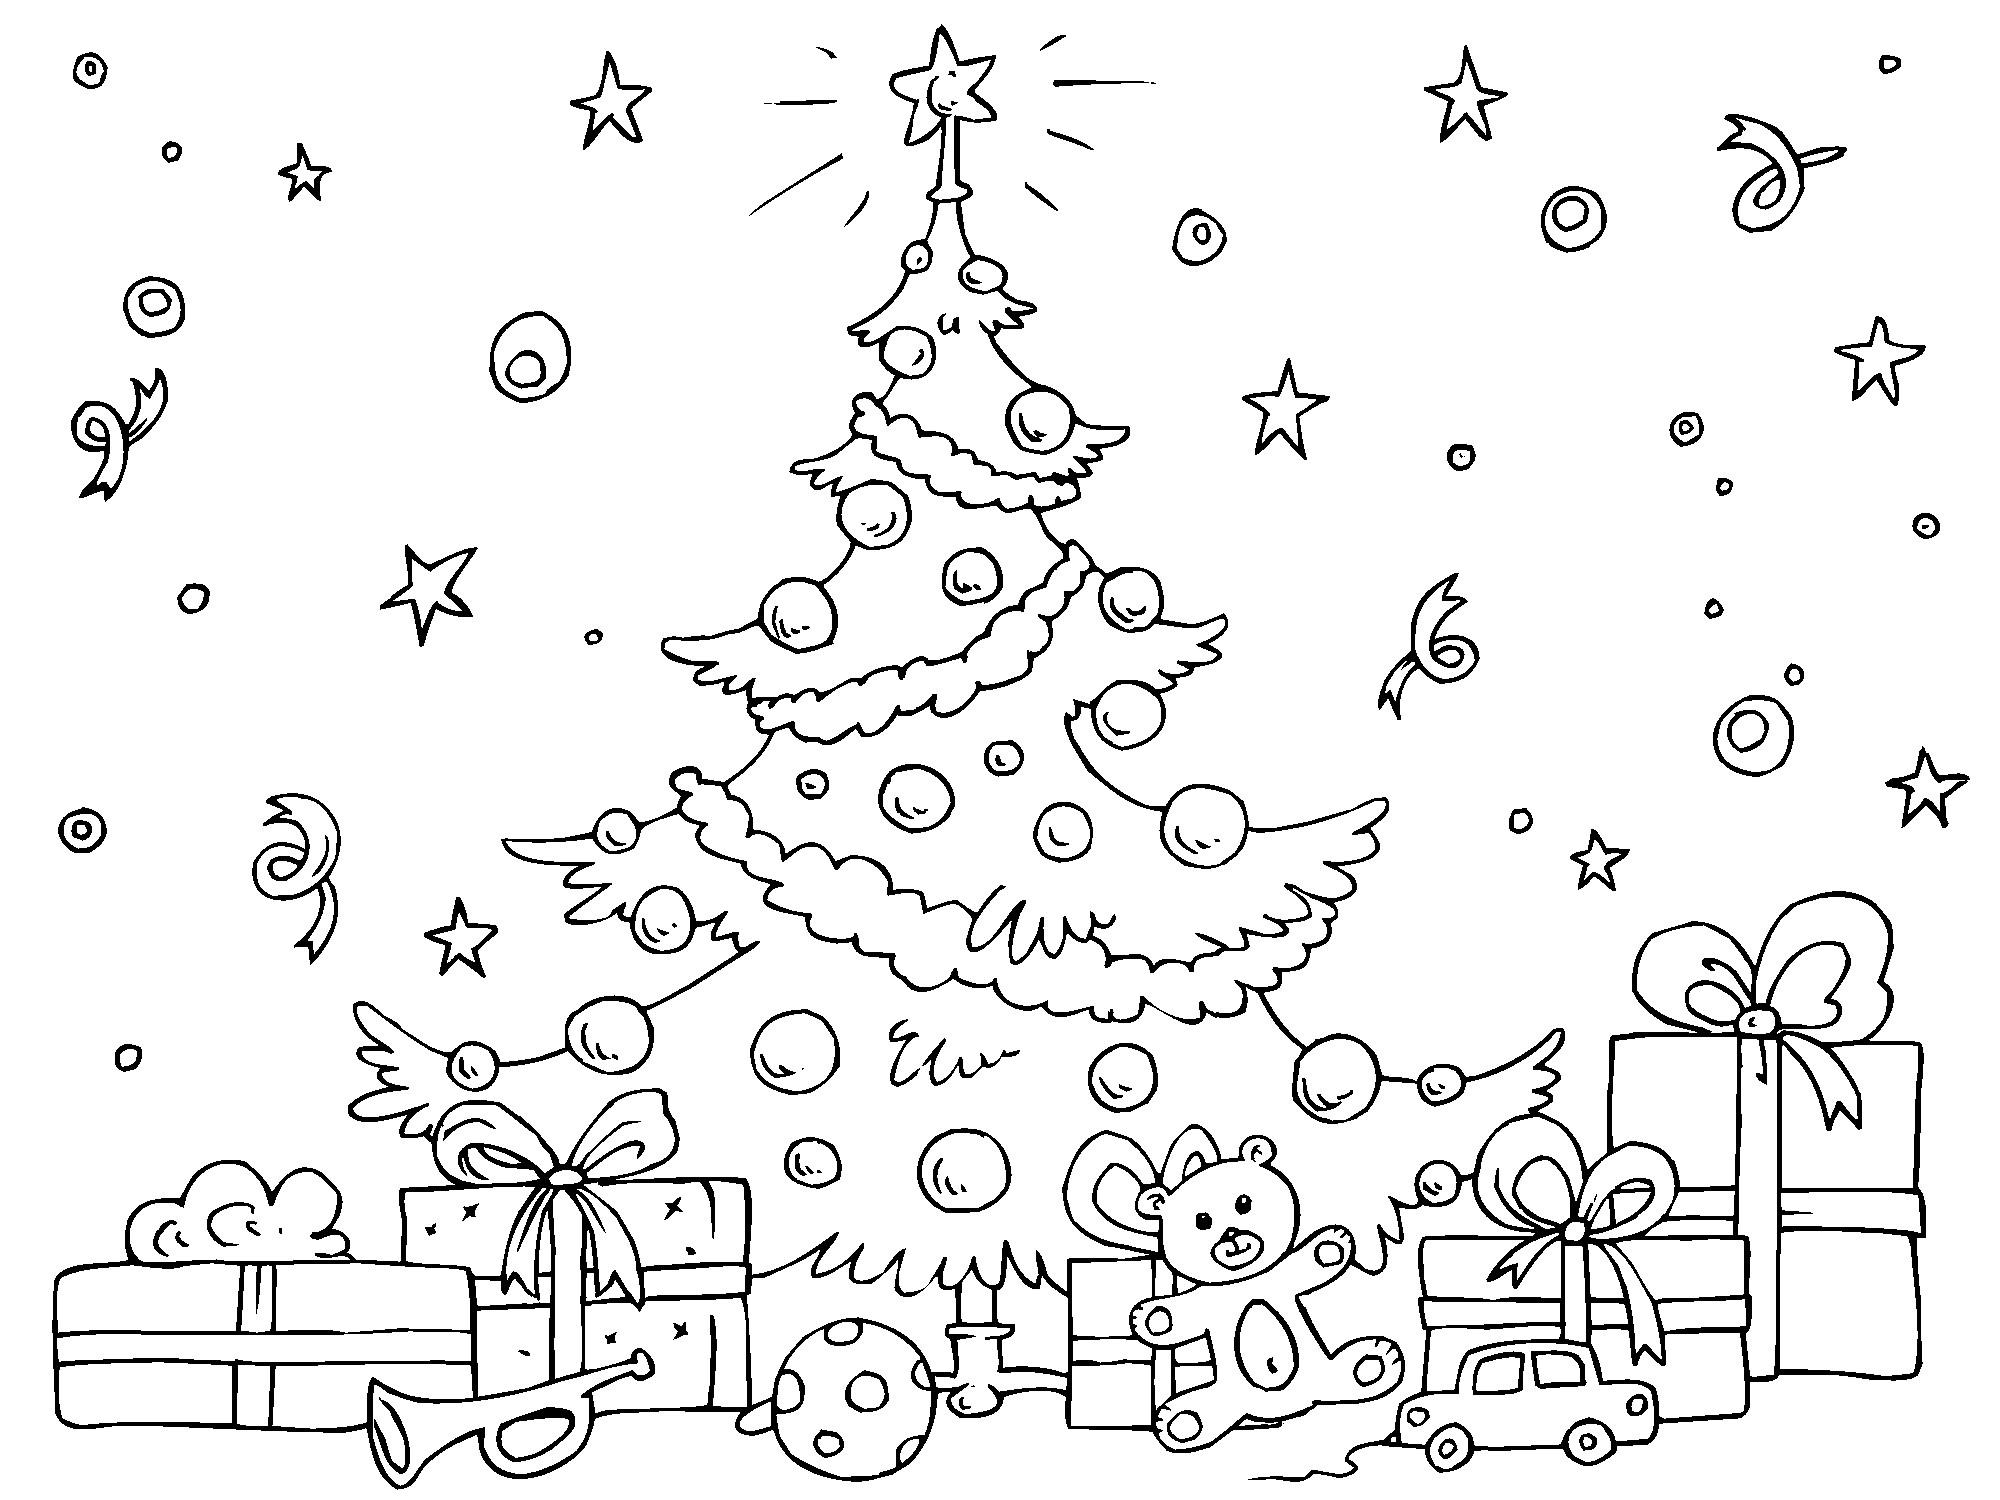 Unique Dibujos De Rboles De Navidad Con Arbol De Navidad